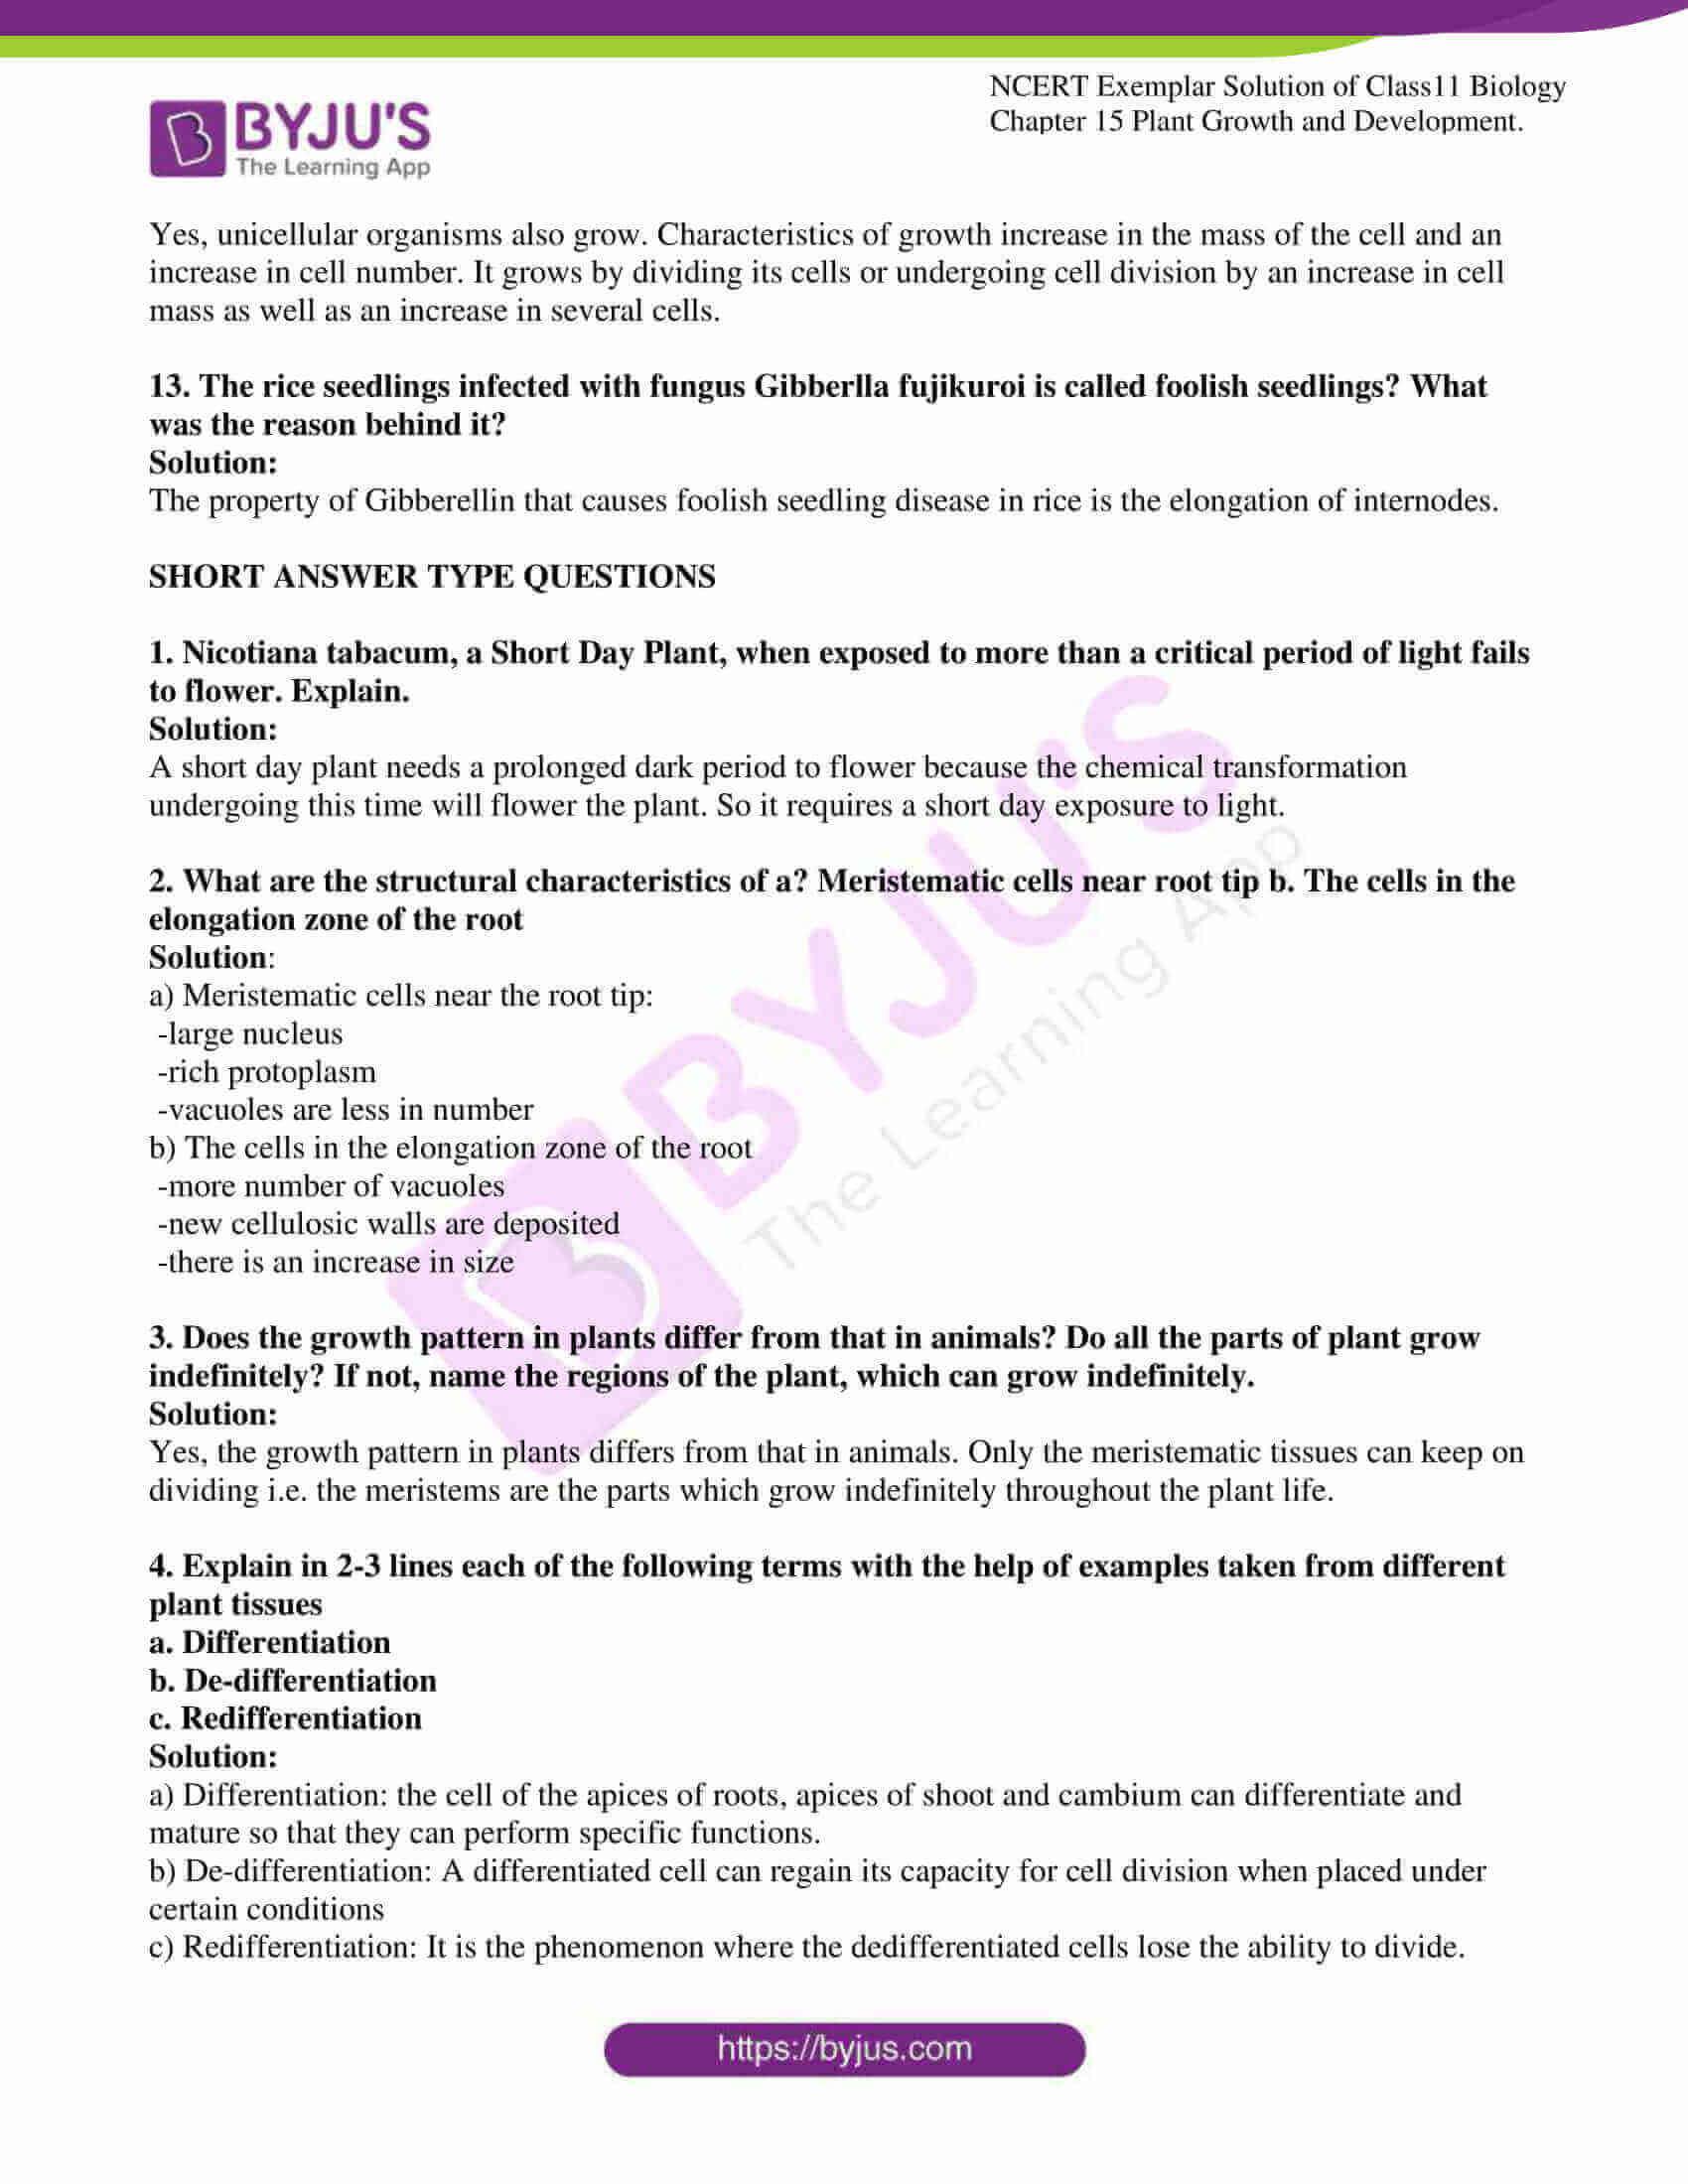 ncert exemplar solutions class 11 biology chapter 15 06